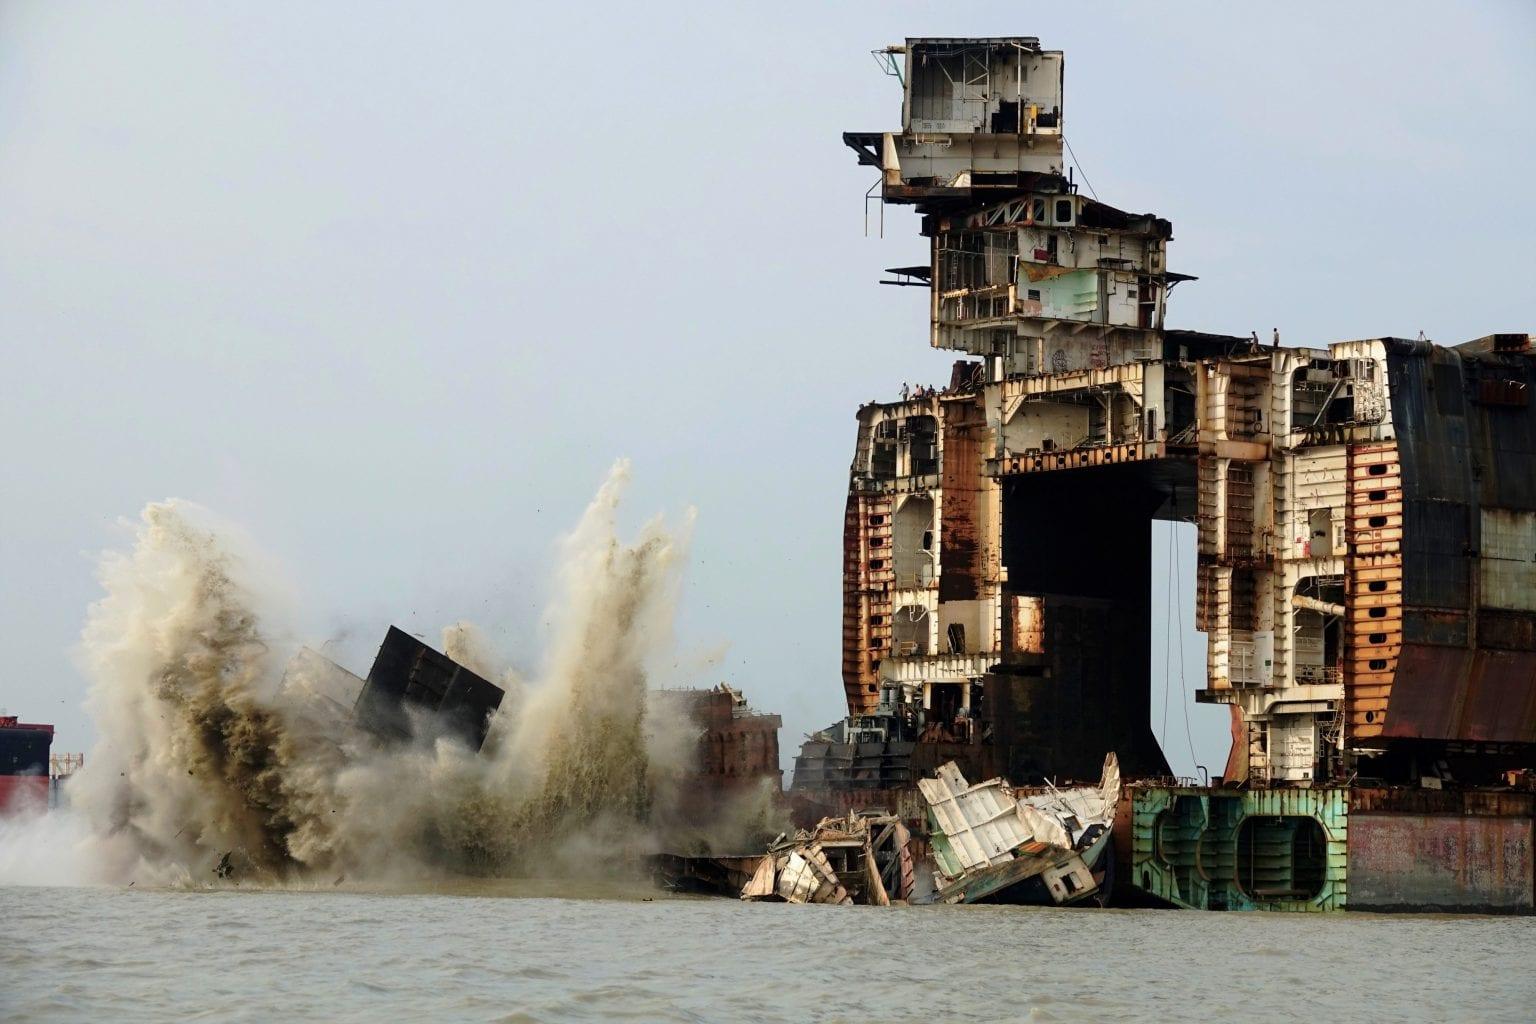 Værfterne  i Chittagong er blandt verdens farligste. Affaldet håndteres uhensigtsmæssigt, og der er brud på regler for forsvarlig skibsophug og arbejdstagerrettigheder. Foto: S. Rahman/Danwatch